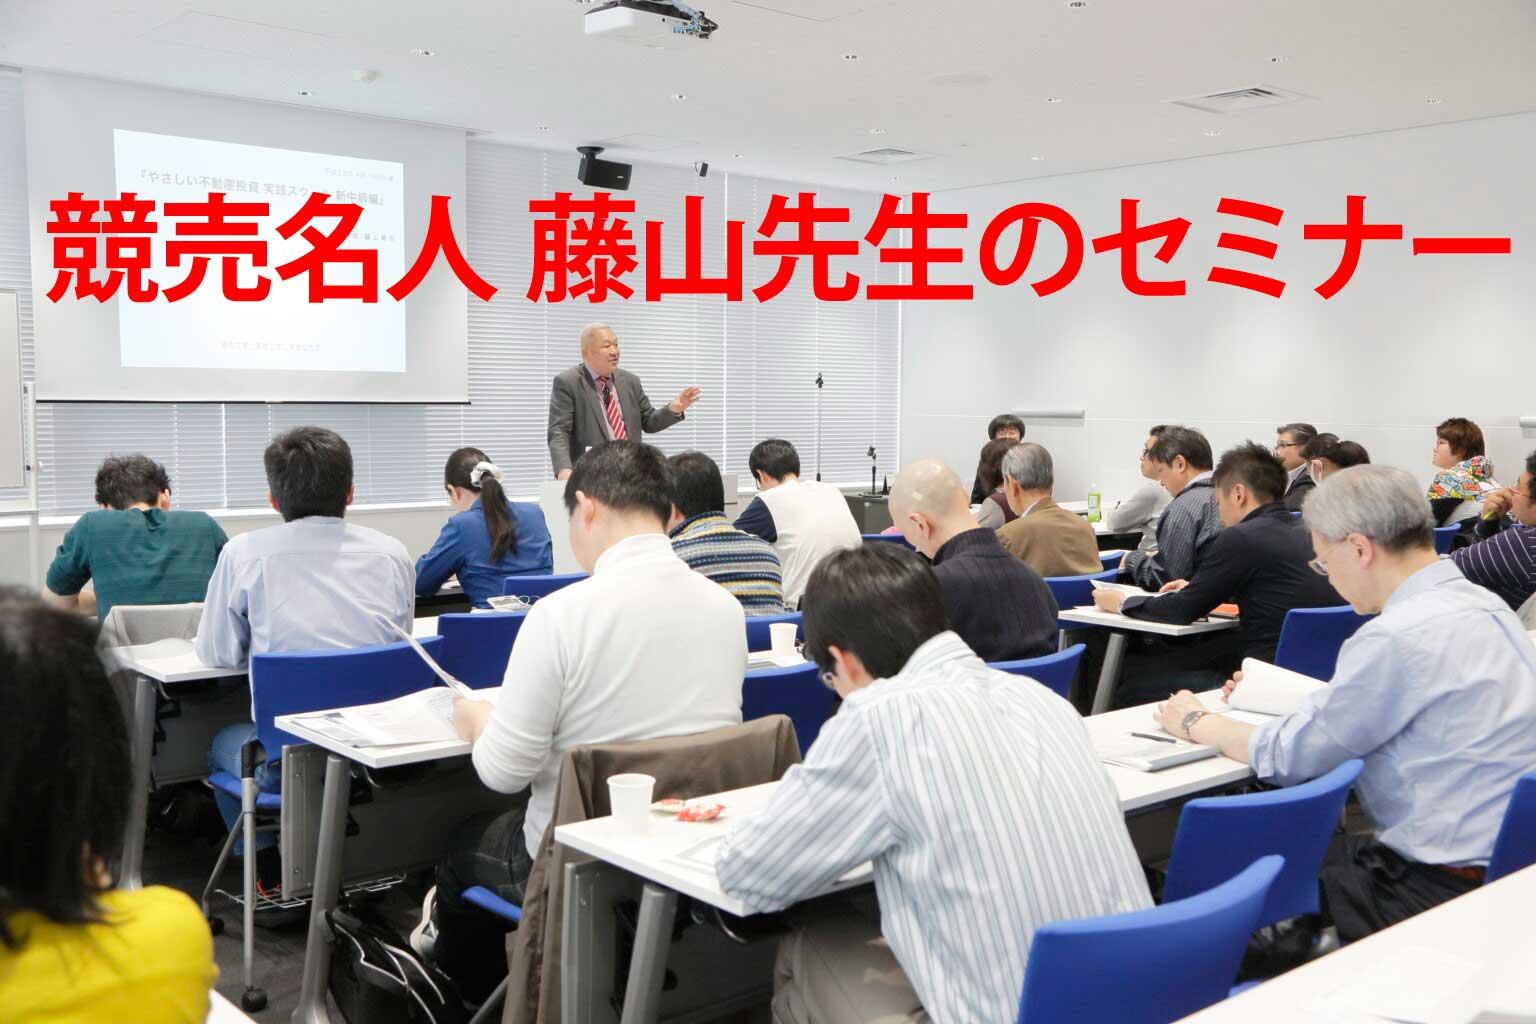 競売名人藤山先生のセミナー